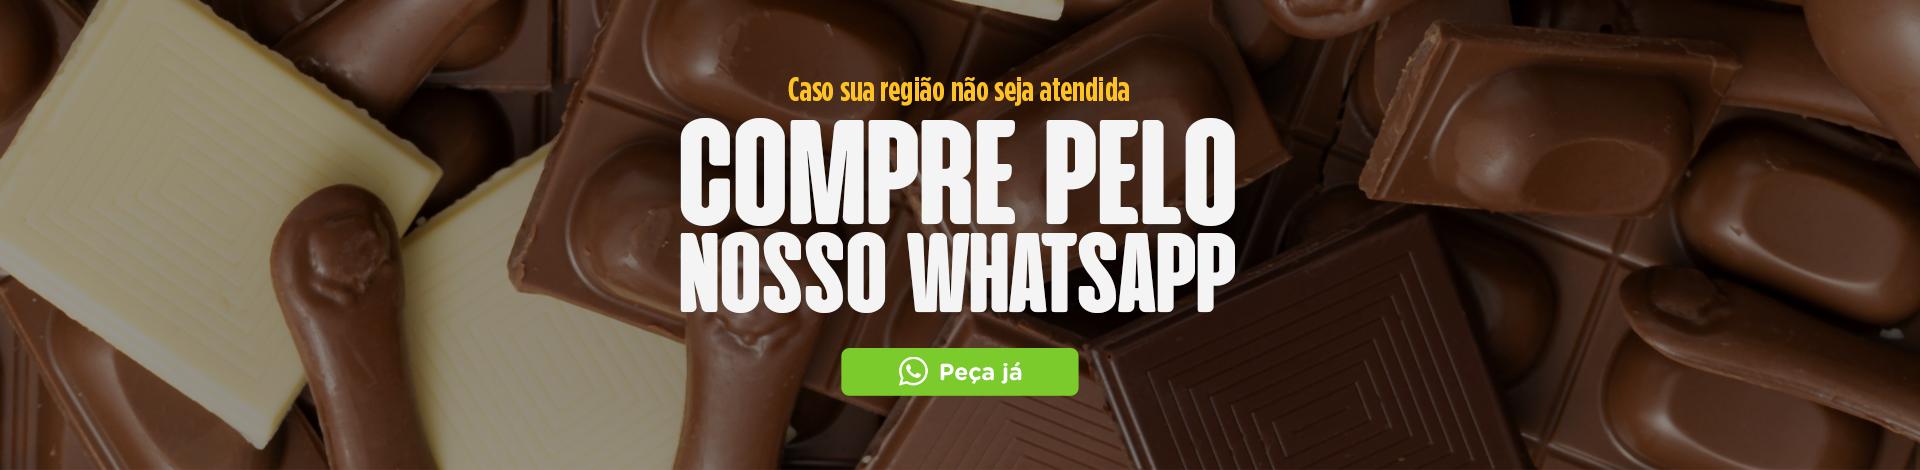 Banner Principal 3 - Whatsapp